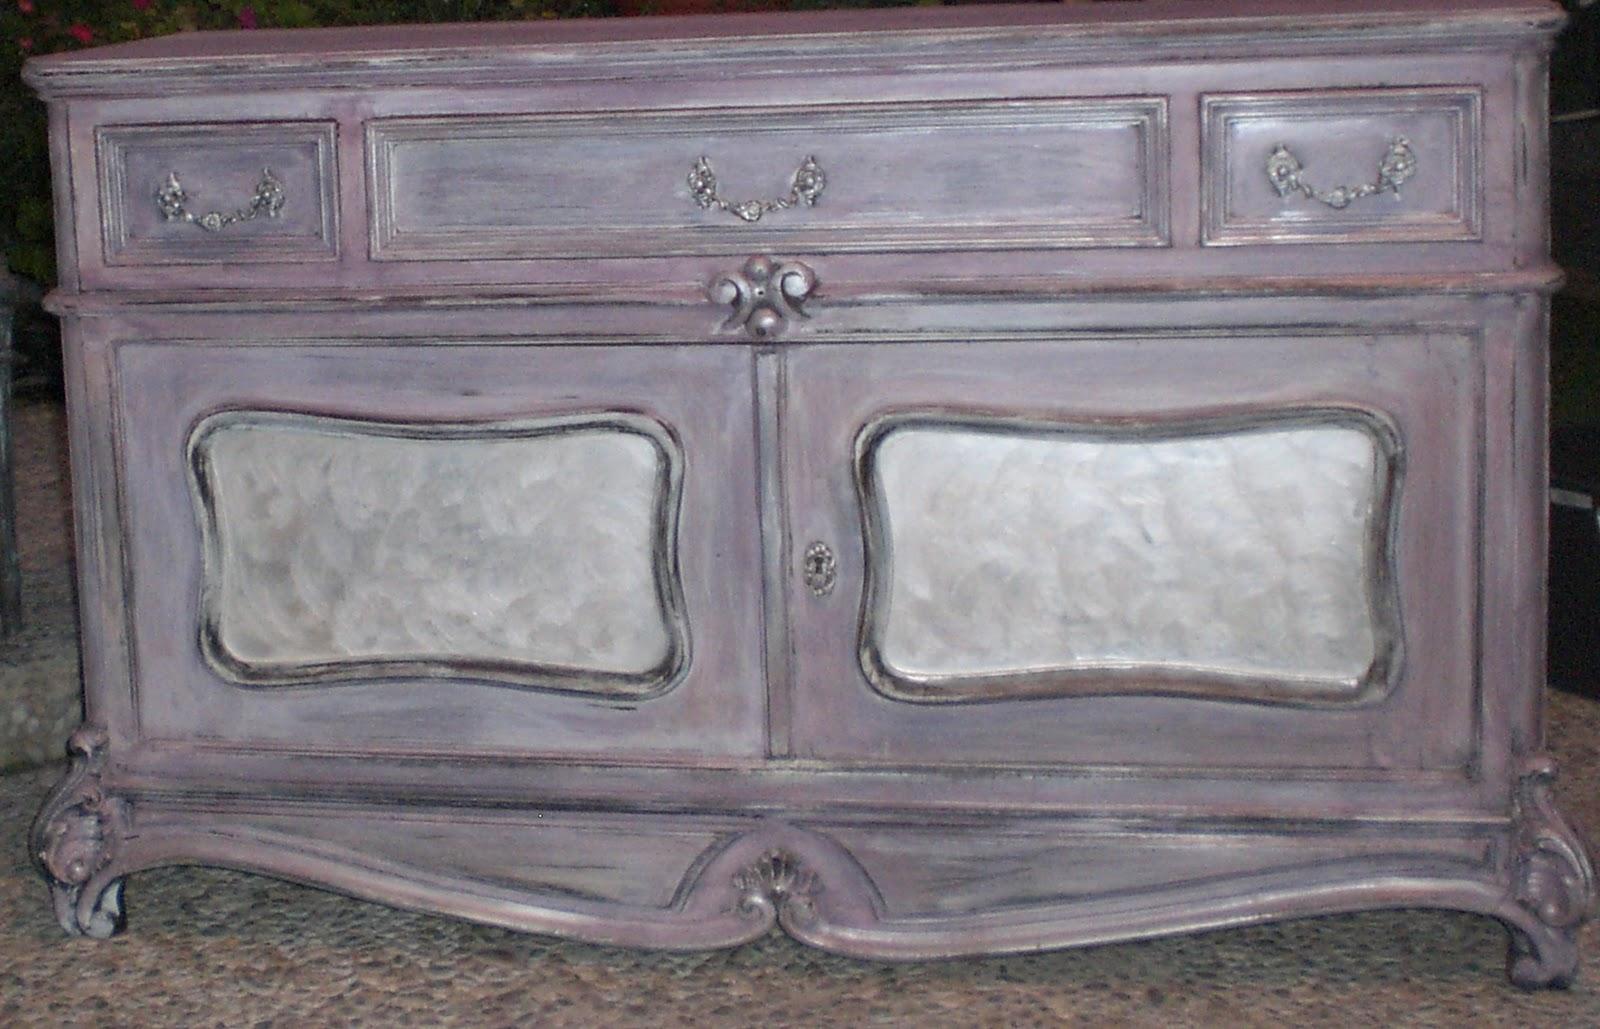 Pinturas Para Restaurar Muebles Dise Os Arquitect Nicos  # Muebles Efecto Desgastado